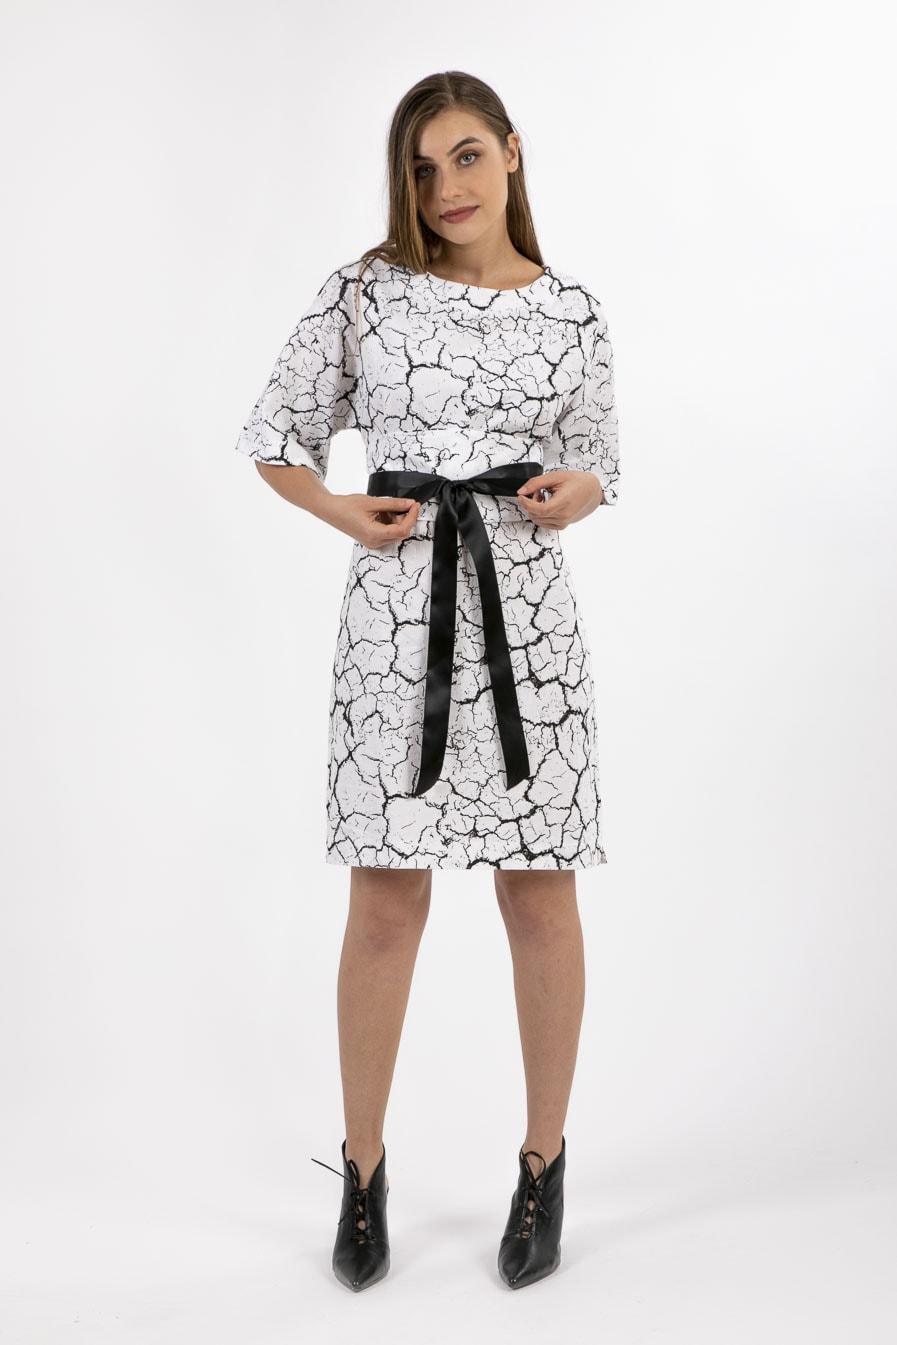 שמלה לבנה בגיזרה ישרה -דגם צוף